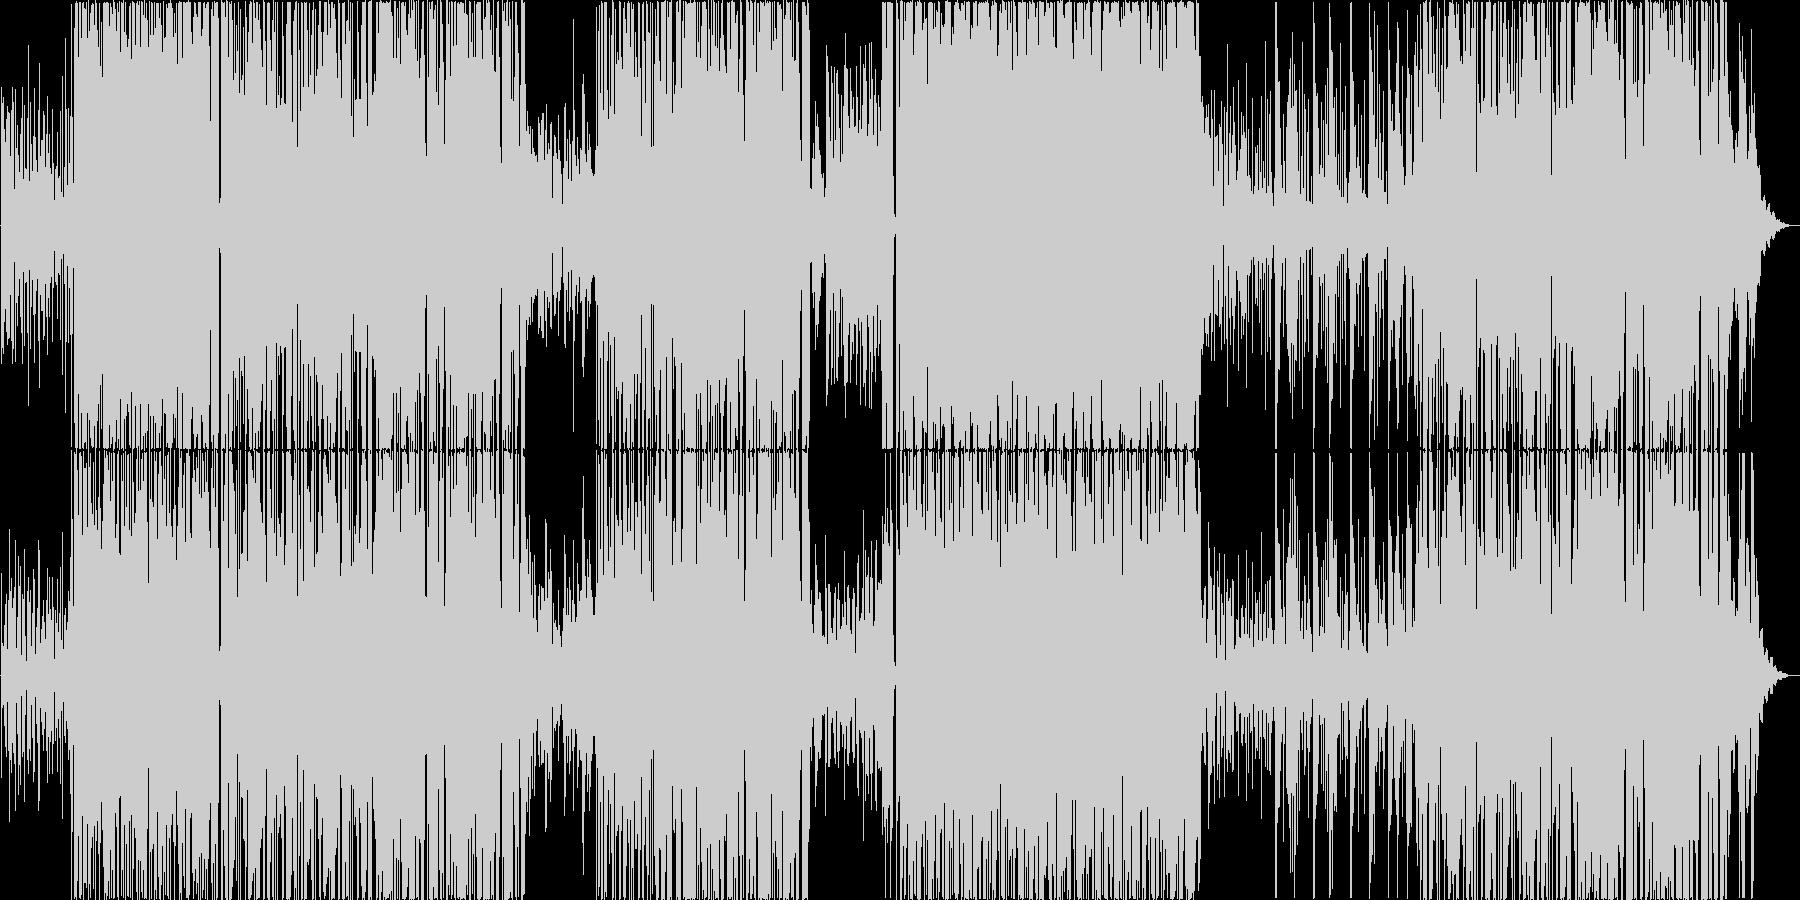 ビブラホーンが涼しい軽快なボサノバの未再生の波形